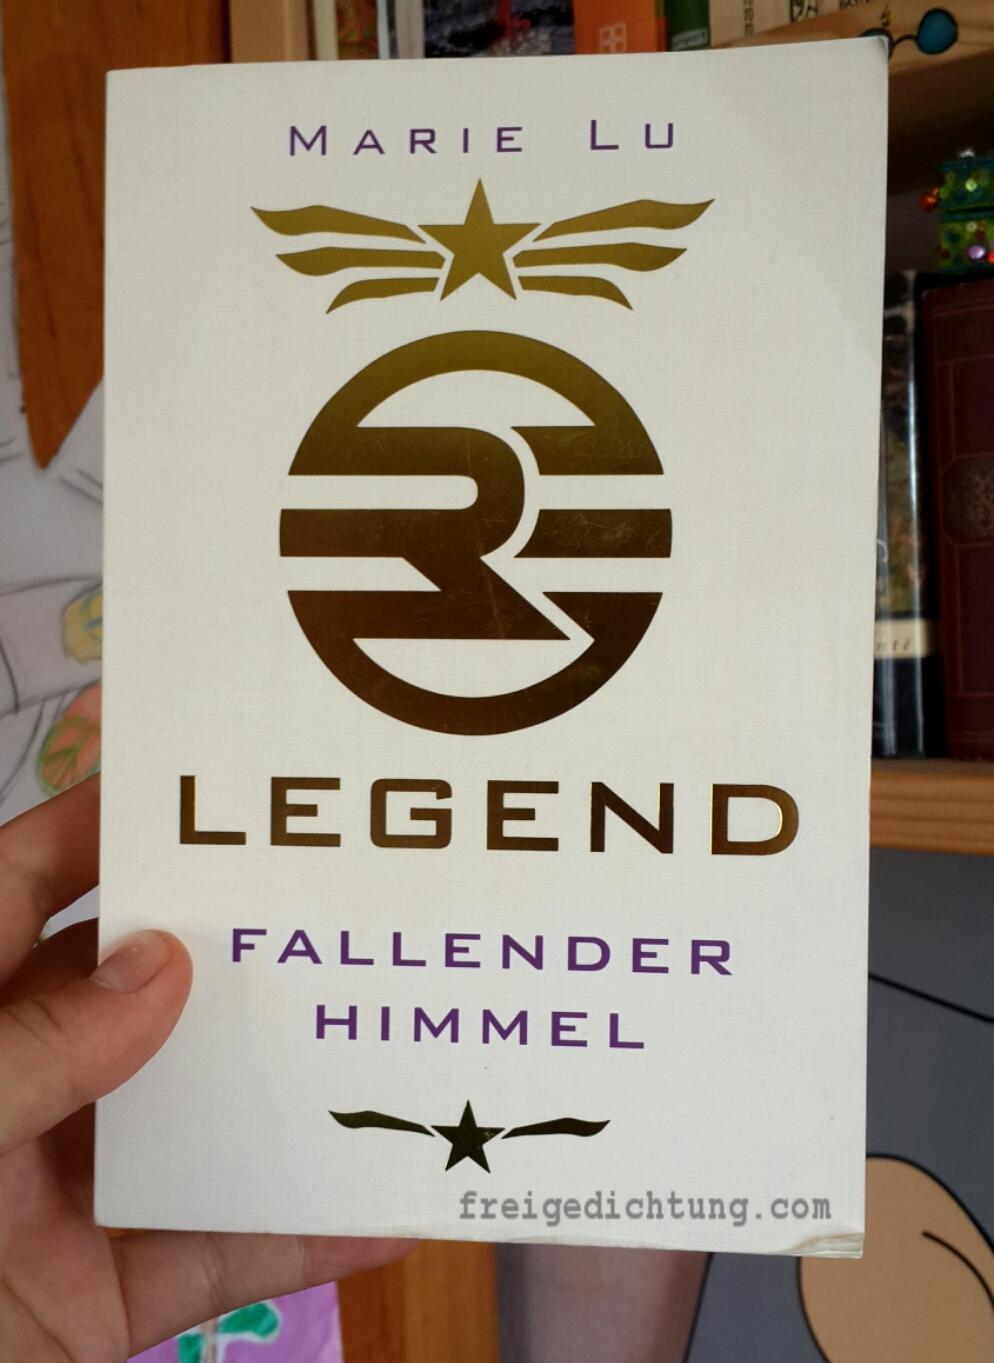 54 Legend Fallender Himmel